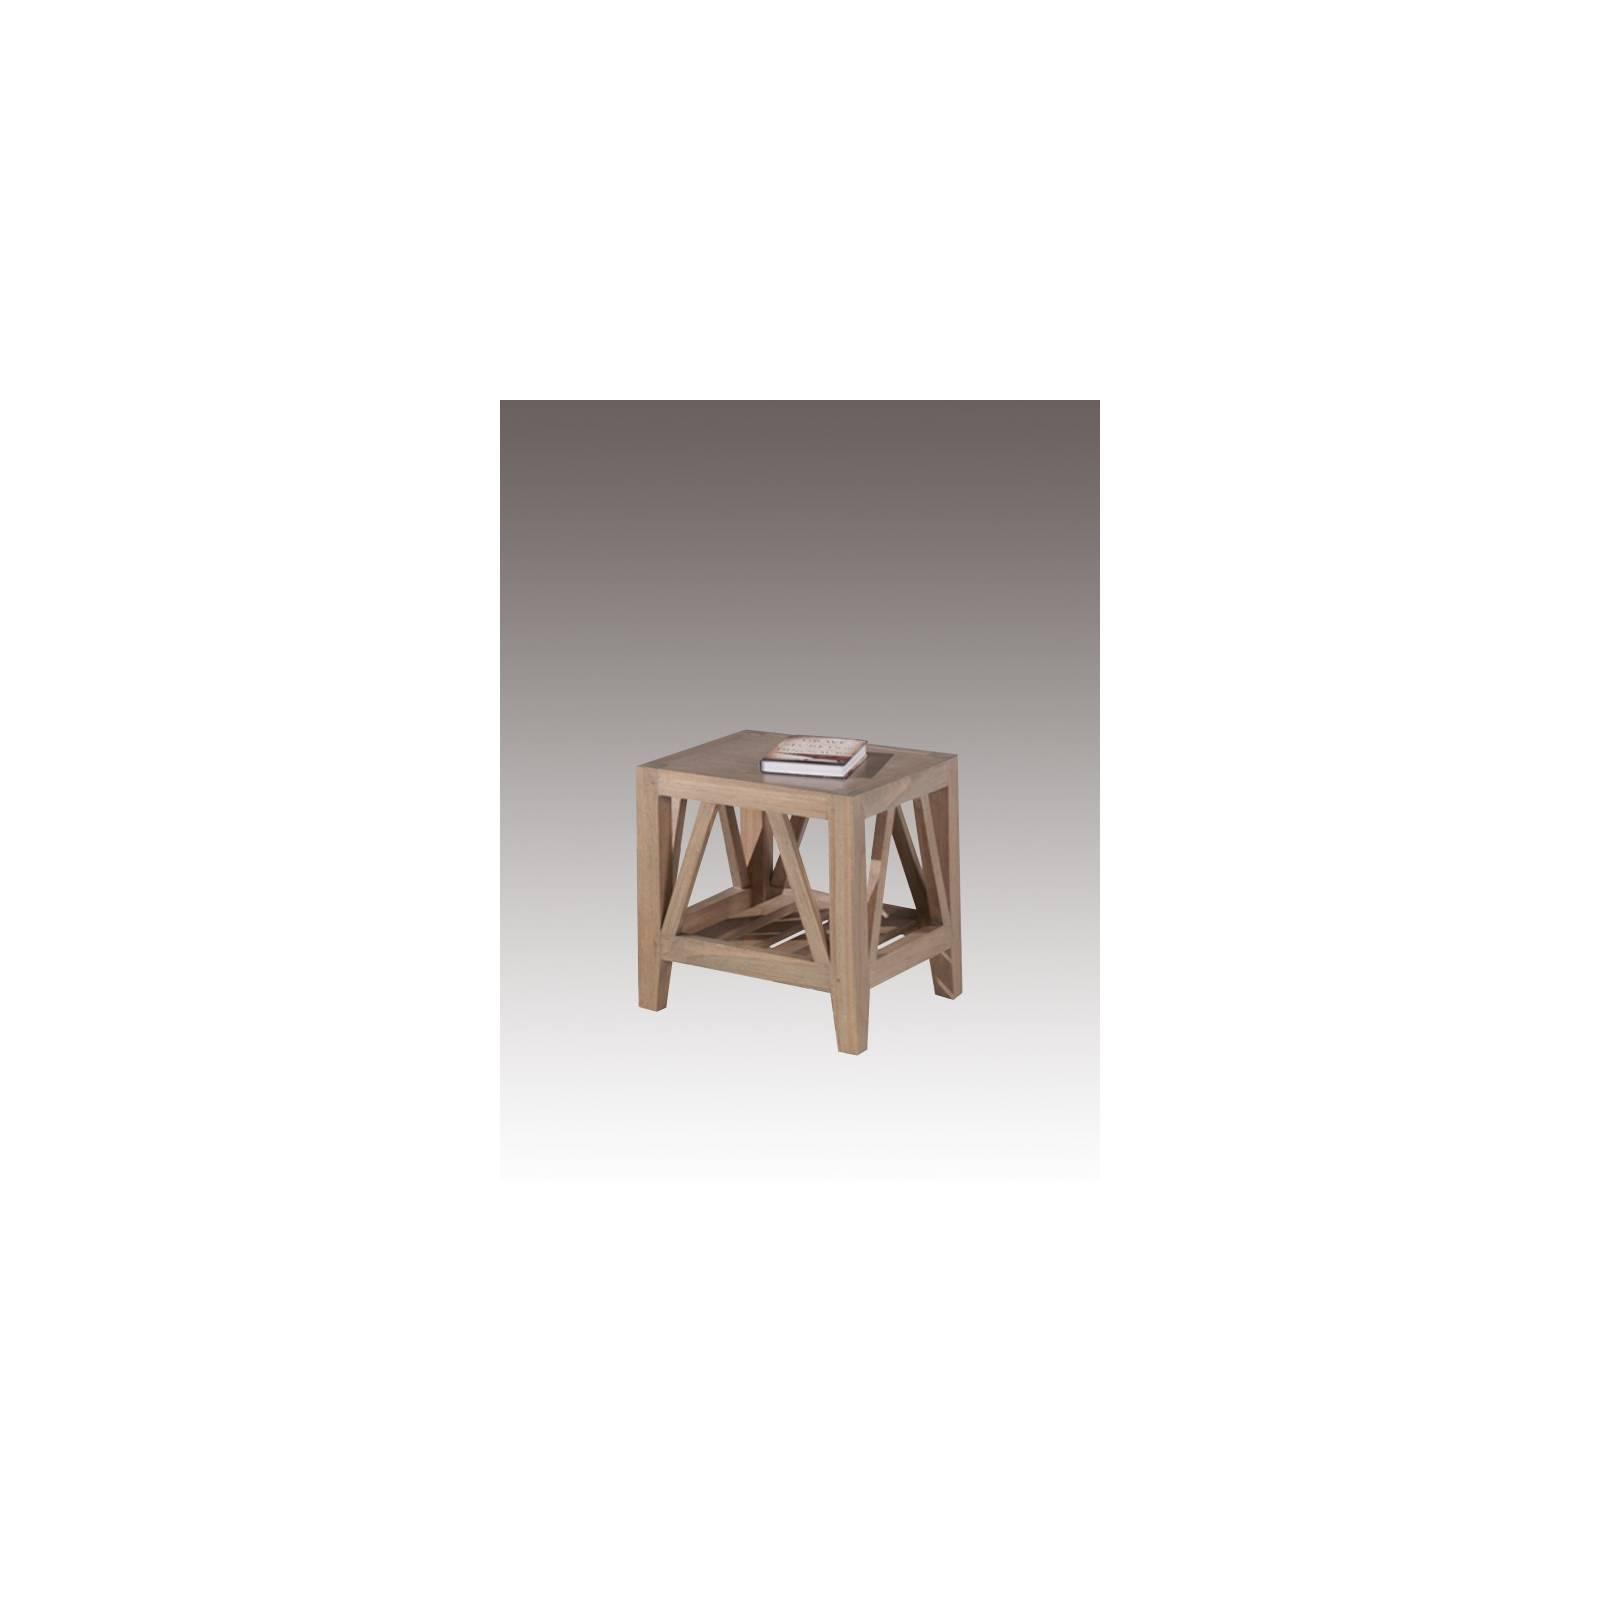 Bout De Canapé Aurora Mindy - meuble style classique